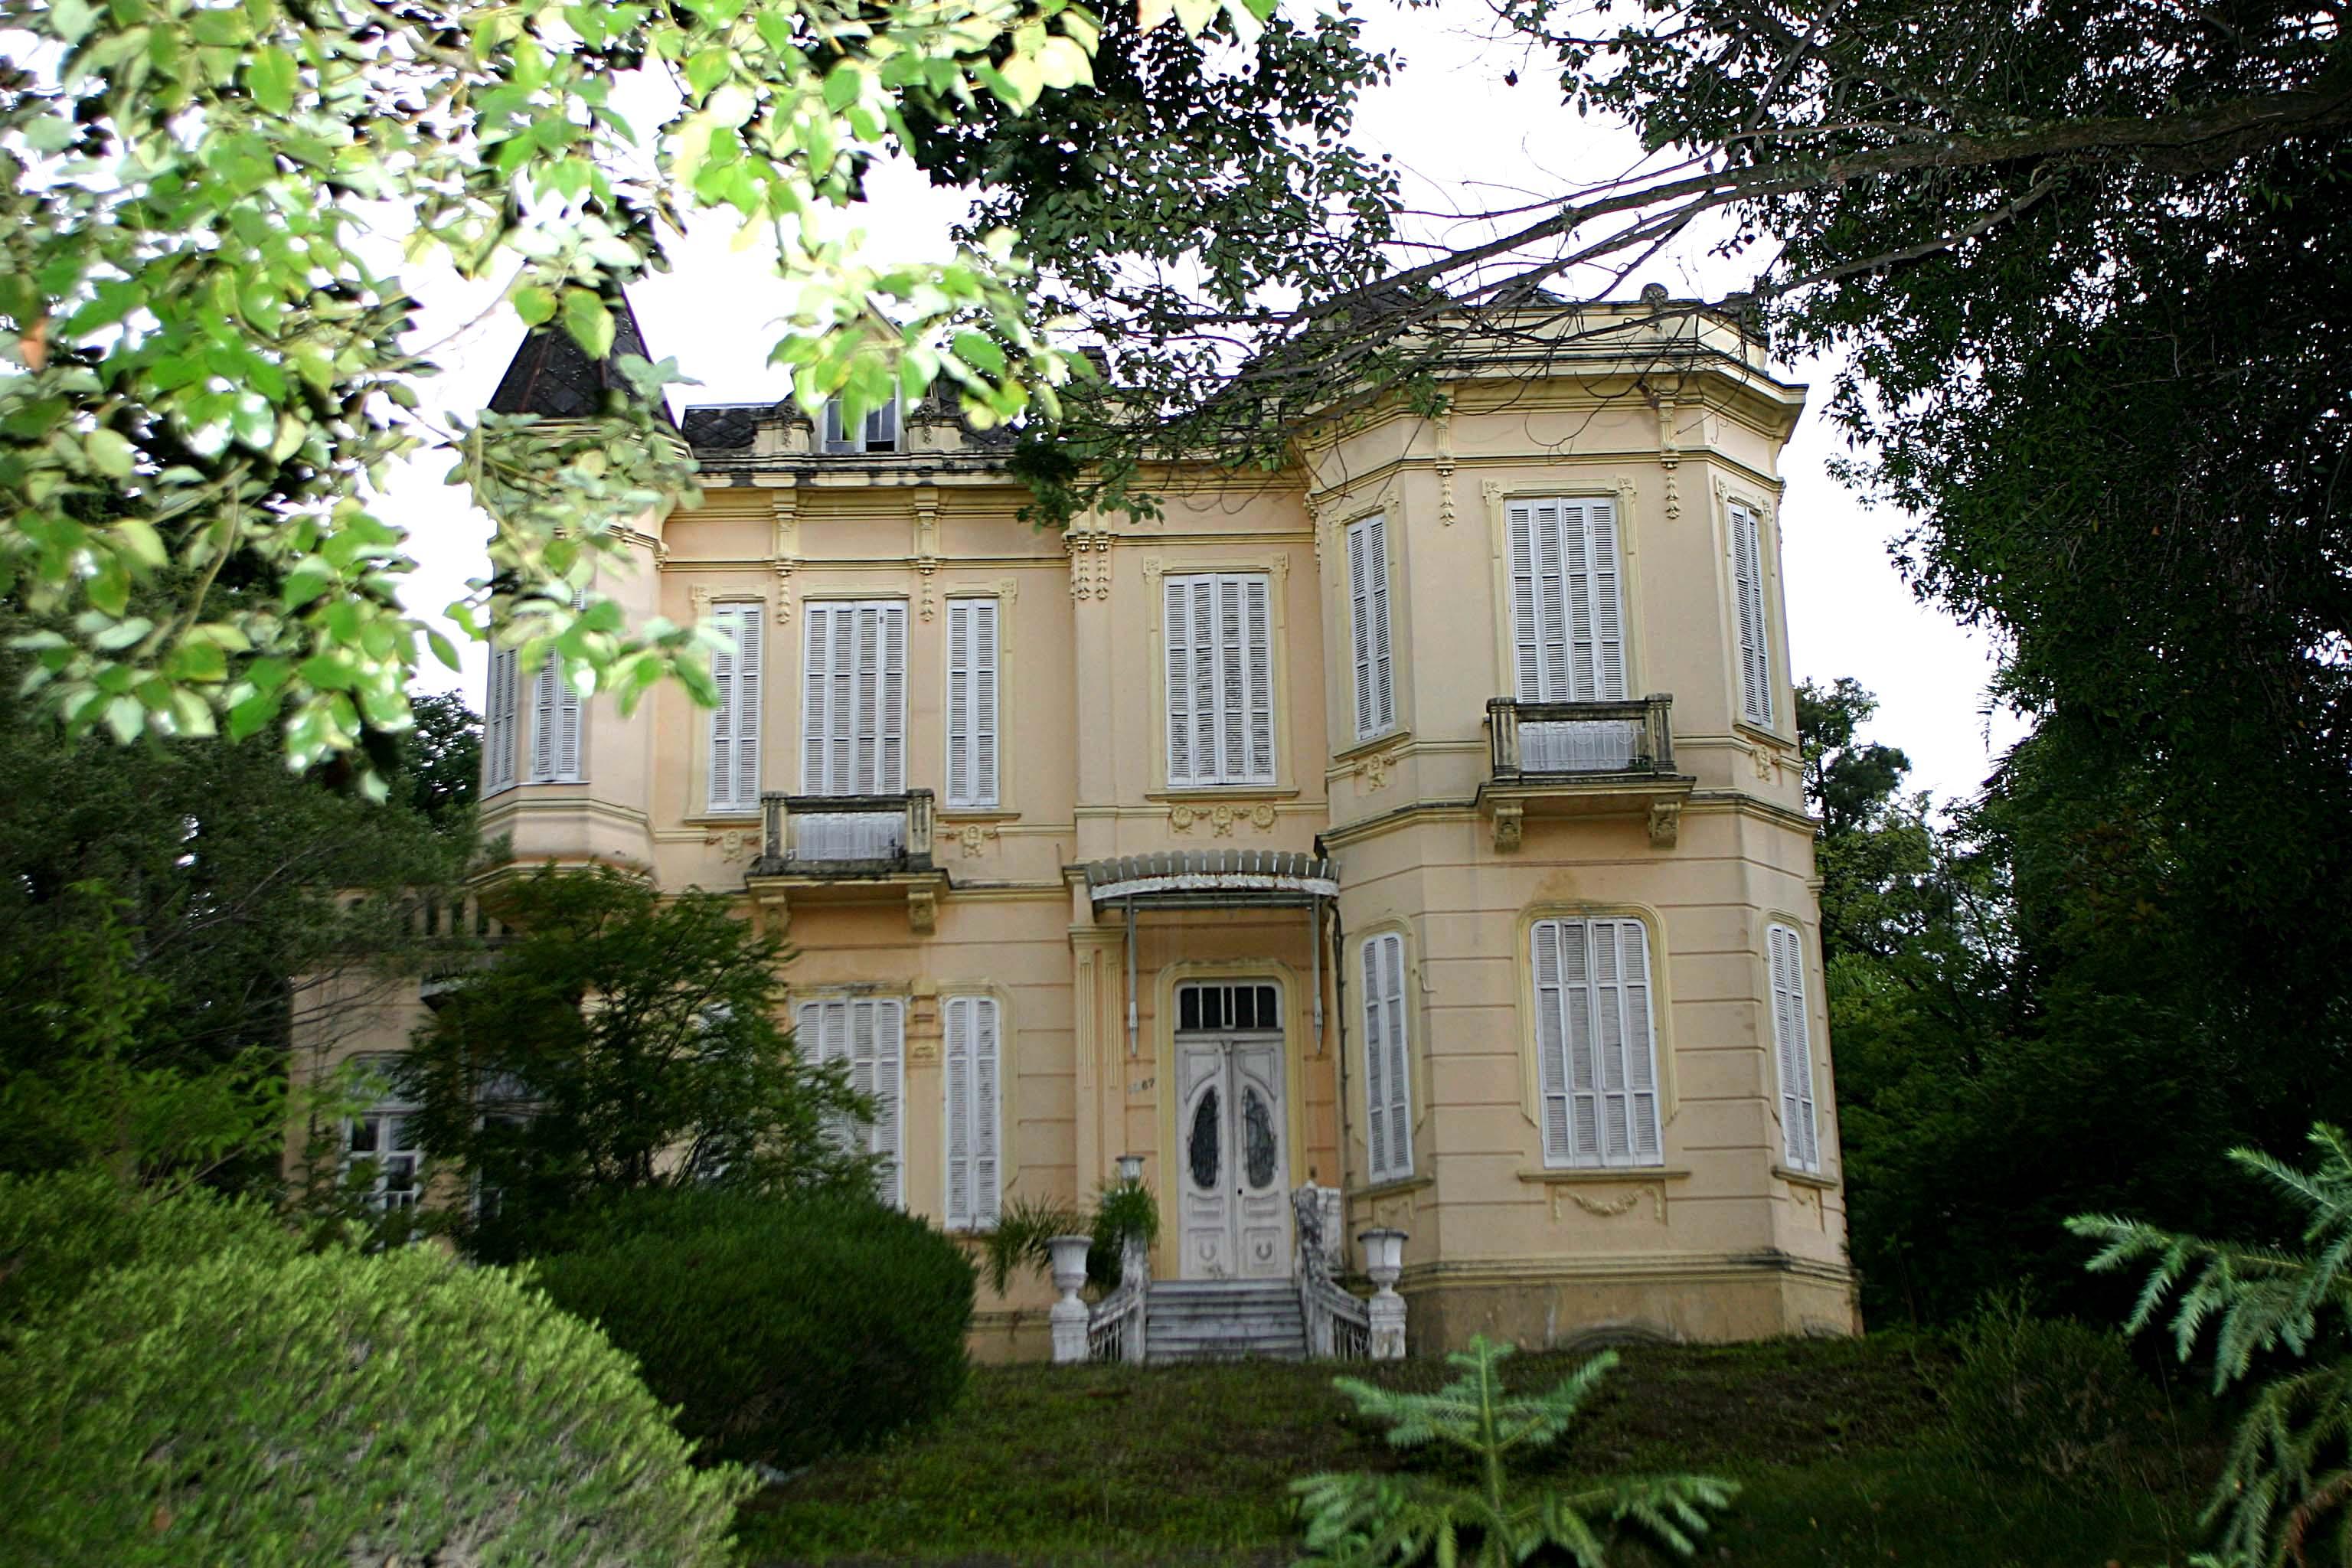 Palacete do Batel abrirá para eventos a partir de 2018